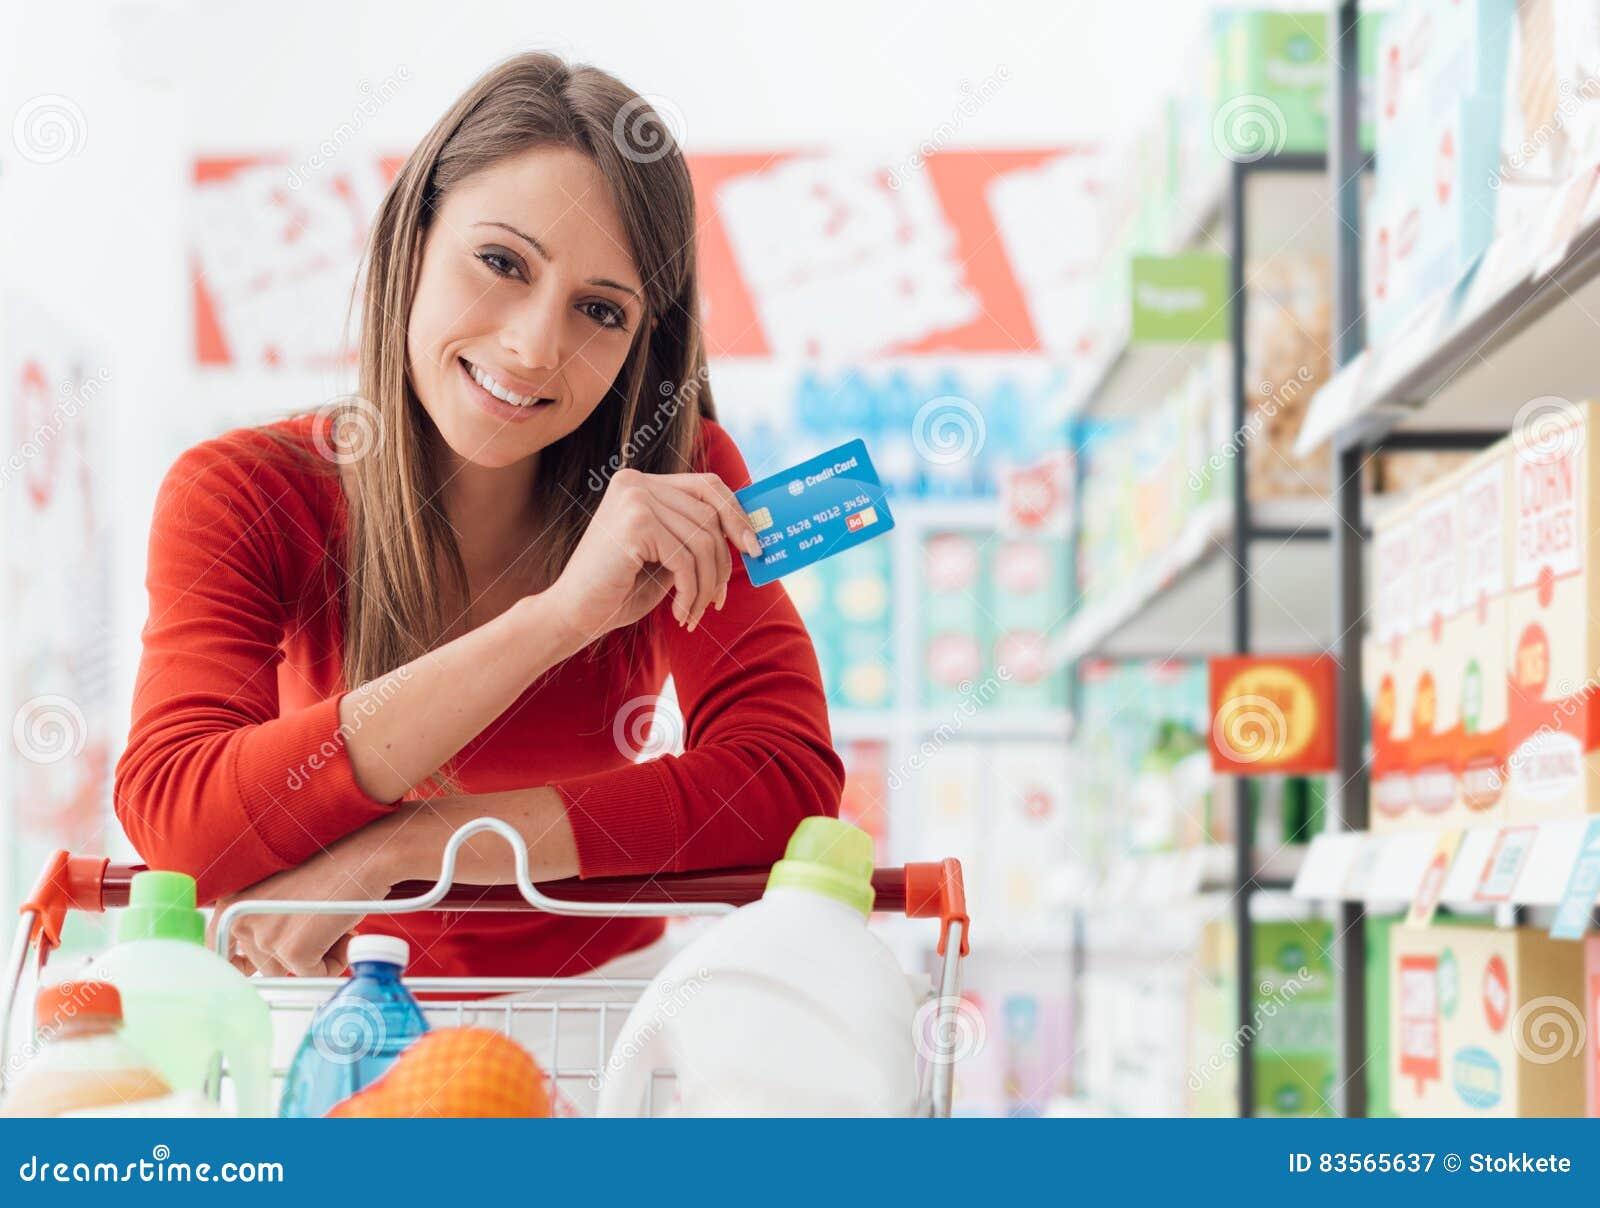 Γυναίκα που ψωνίζει με μια πιστωτική κάρτα